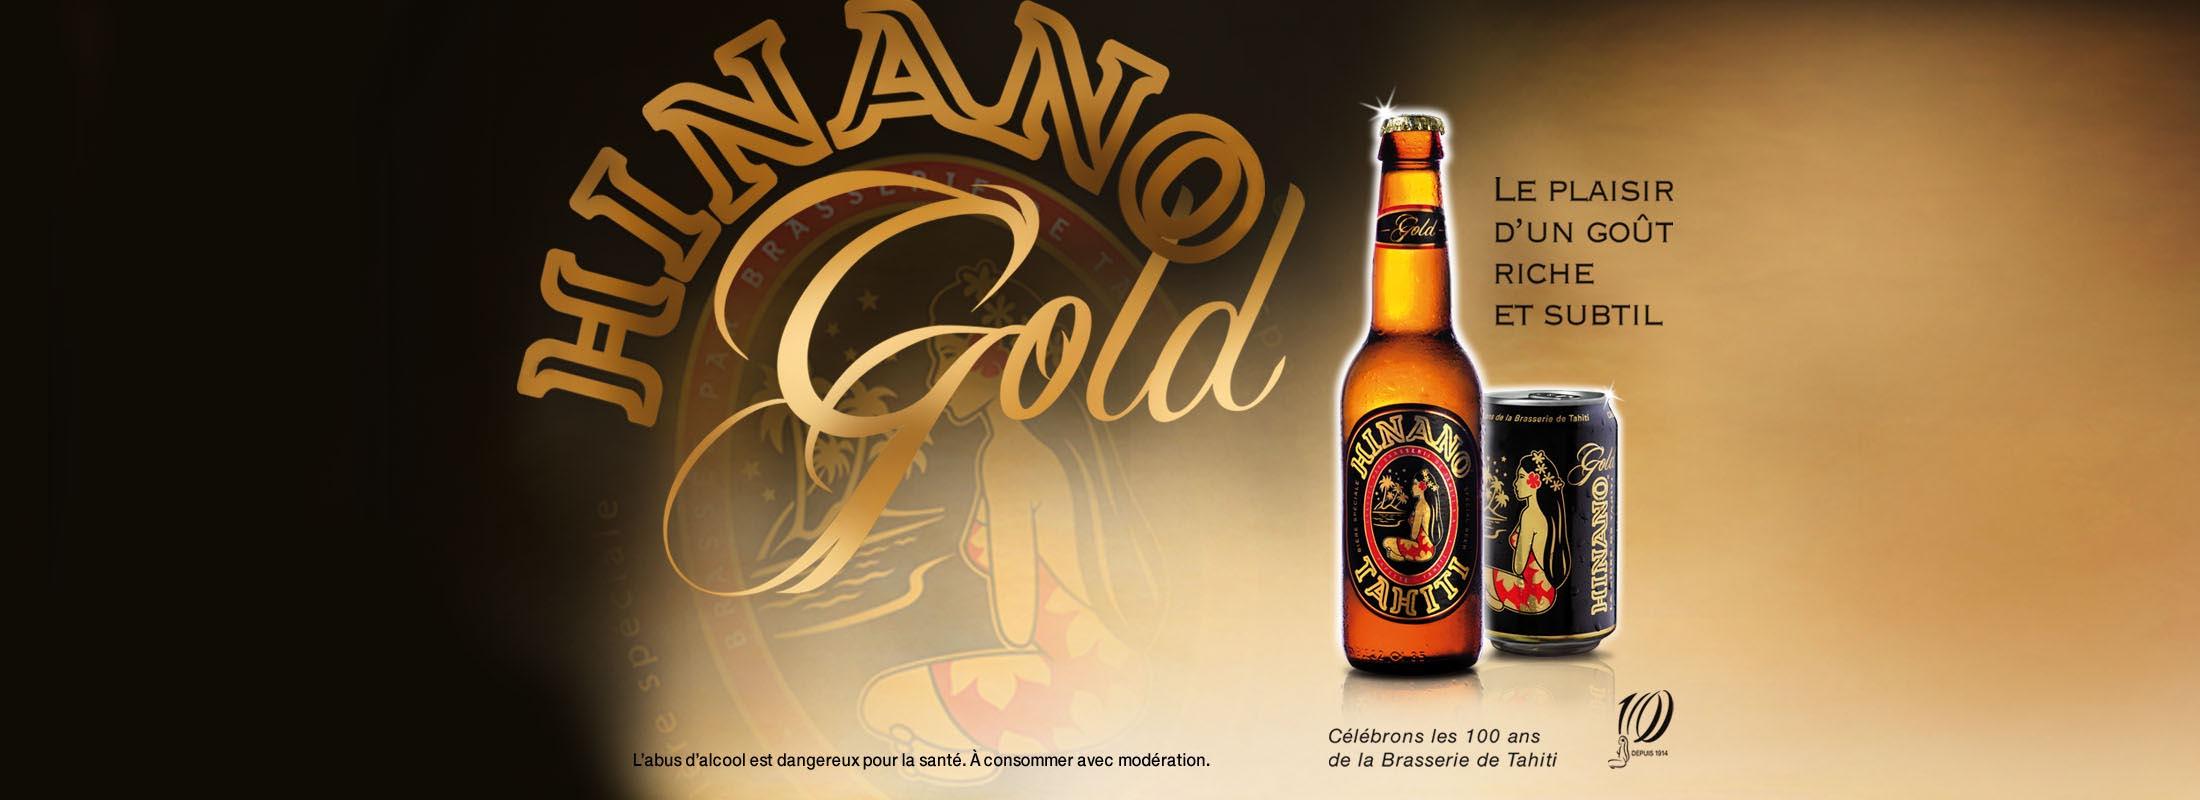 HINANO-GOLD-2200X800-OK1